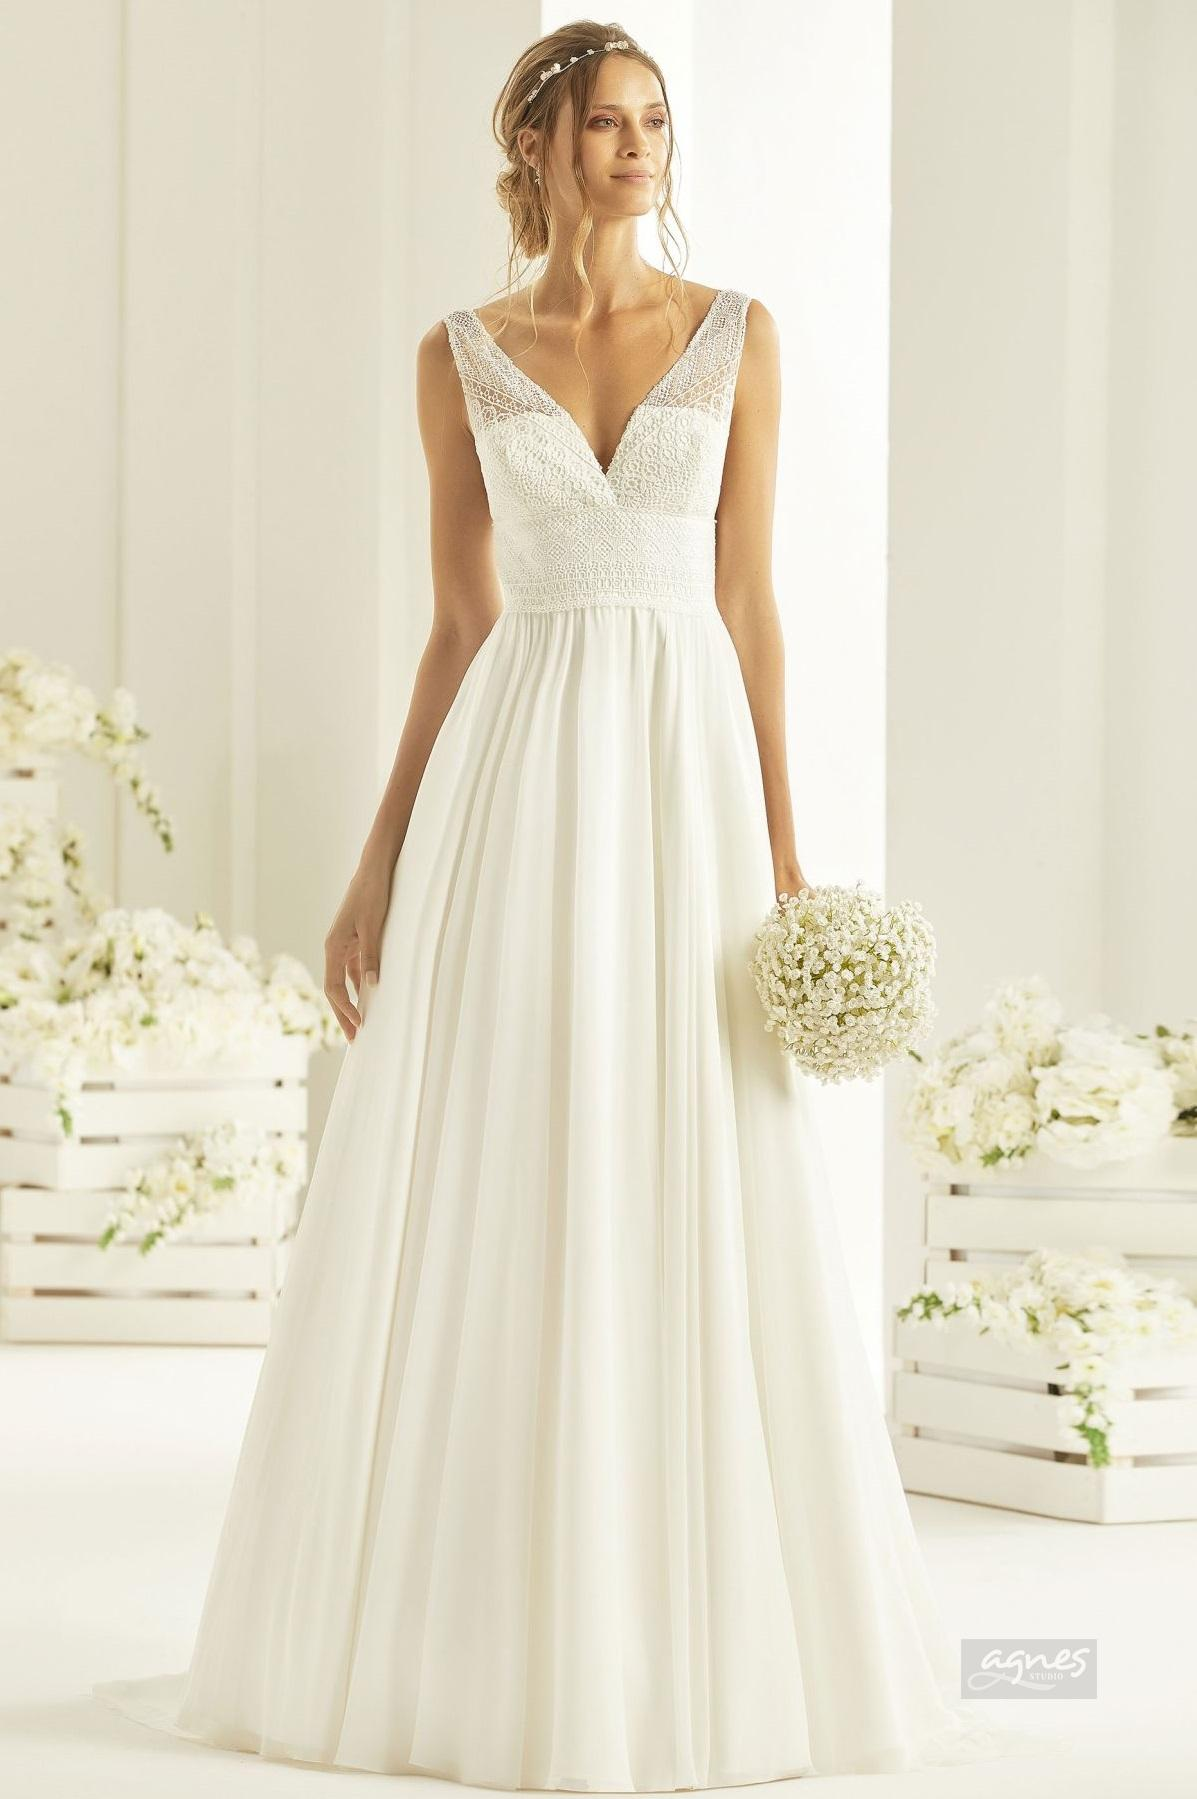 REBECA-bridal-dress-studioagnes